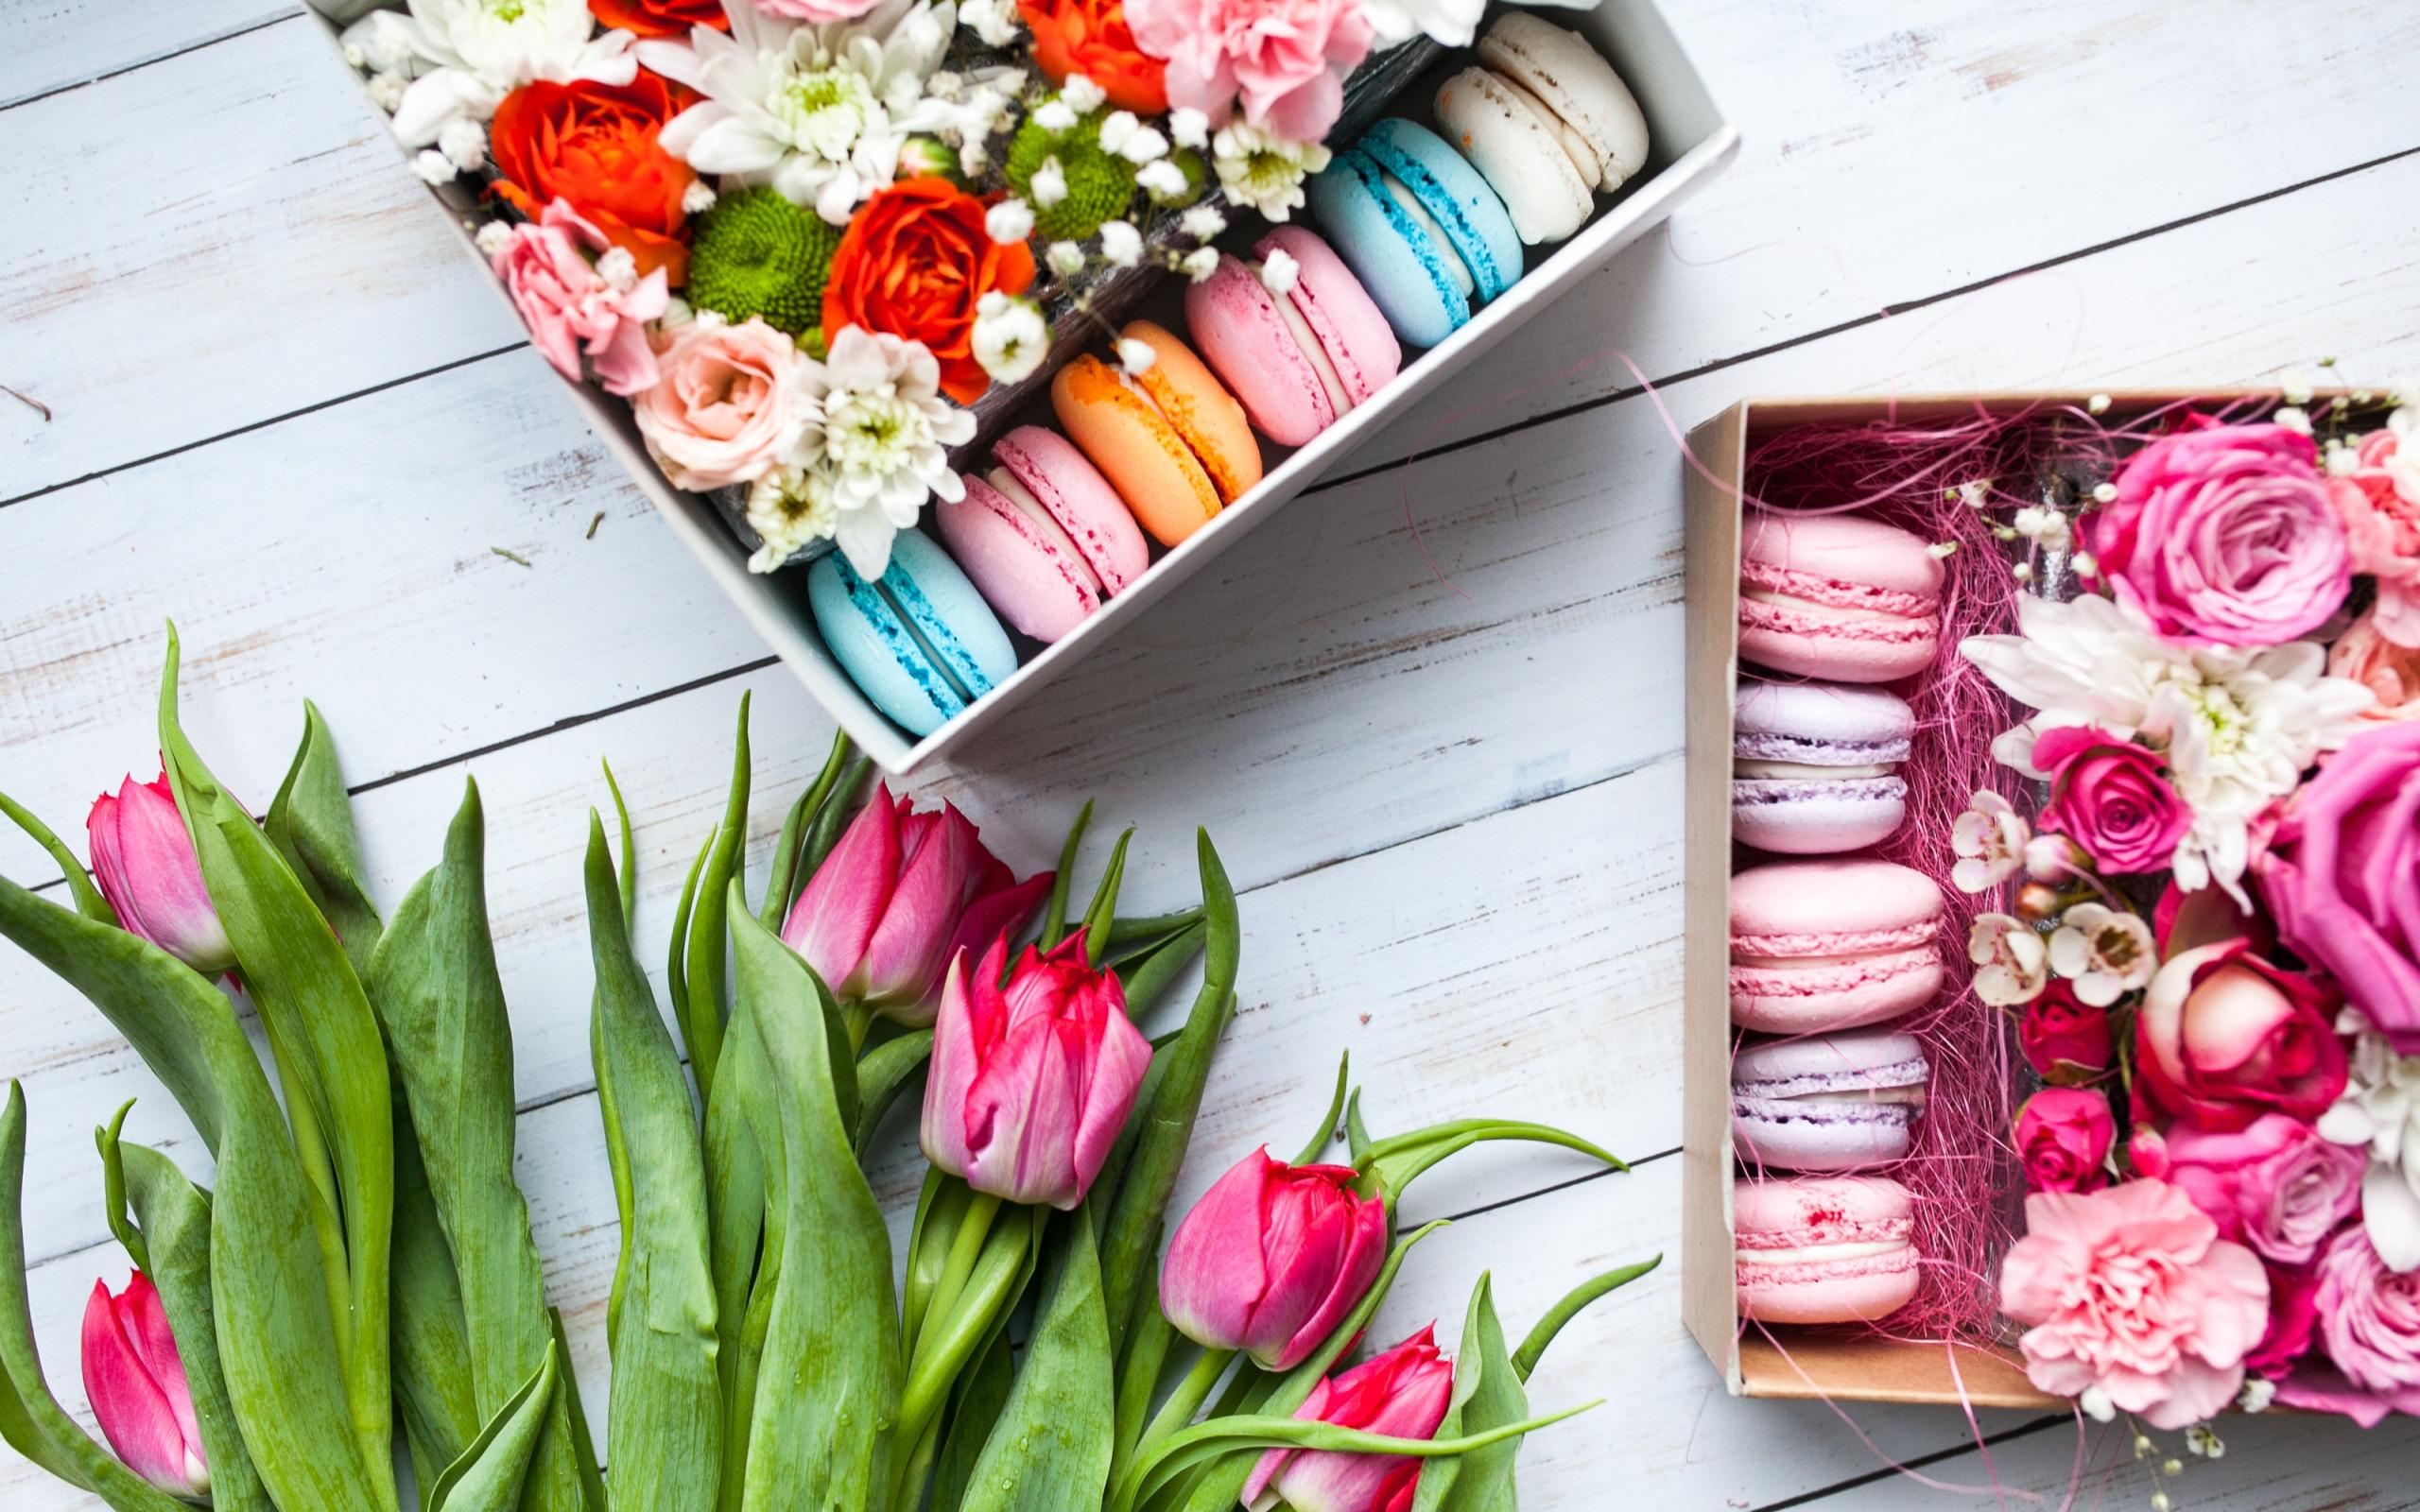 Картинки с коробочками и цветами, днем рождения